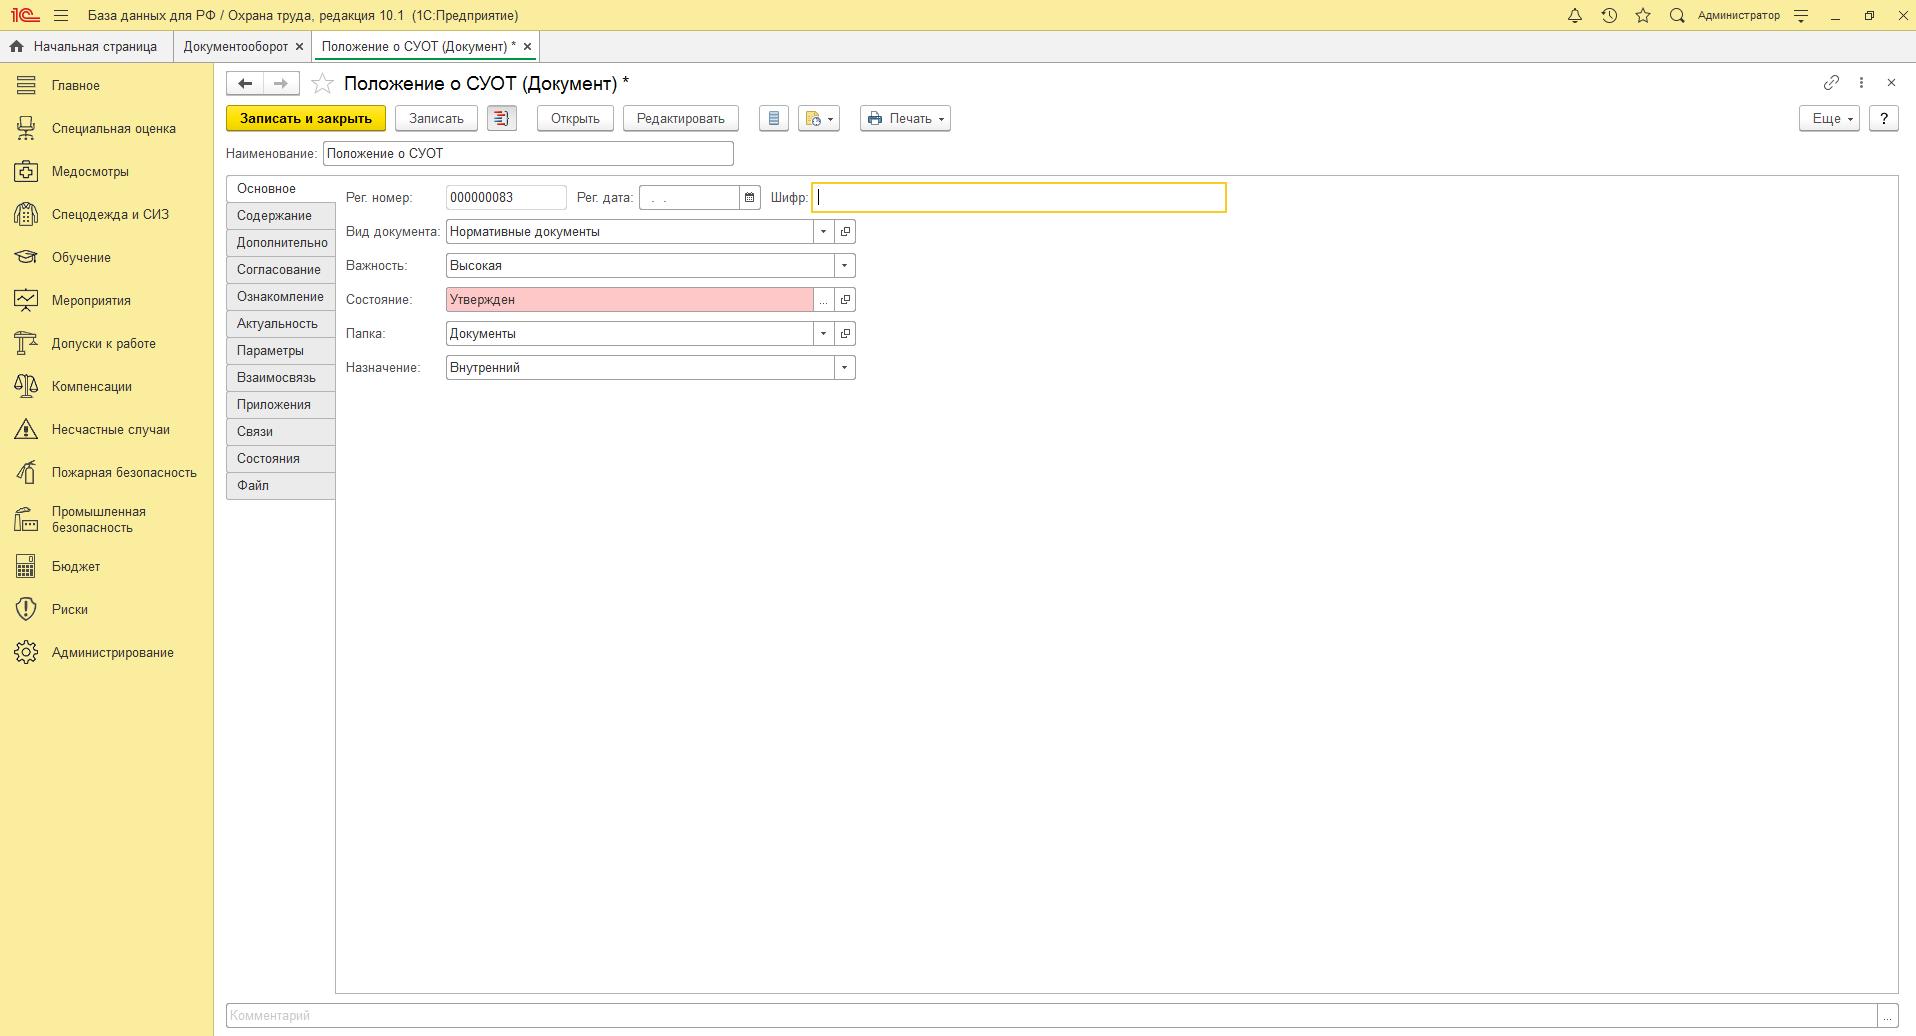 Положение о СУОт - Пример документа в подсистеме управление документацией программа по охране труда